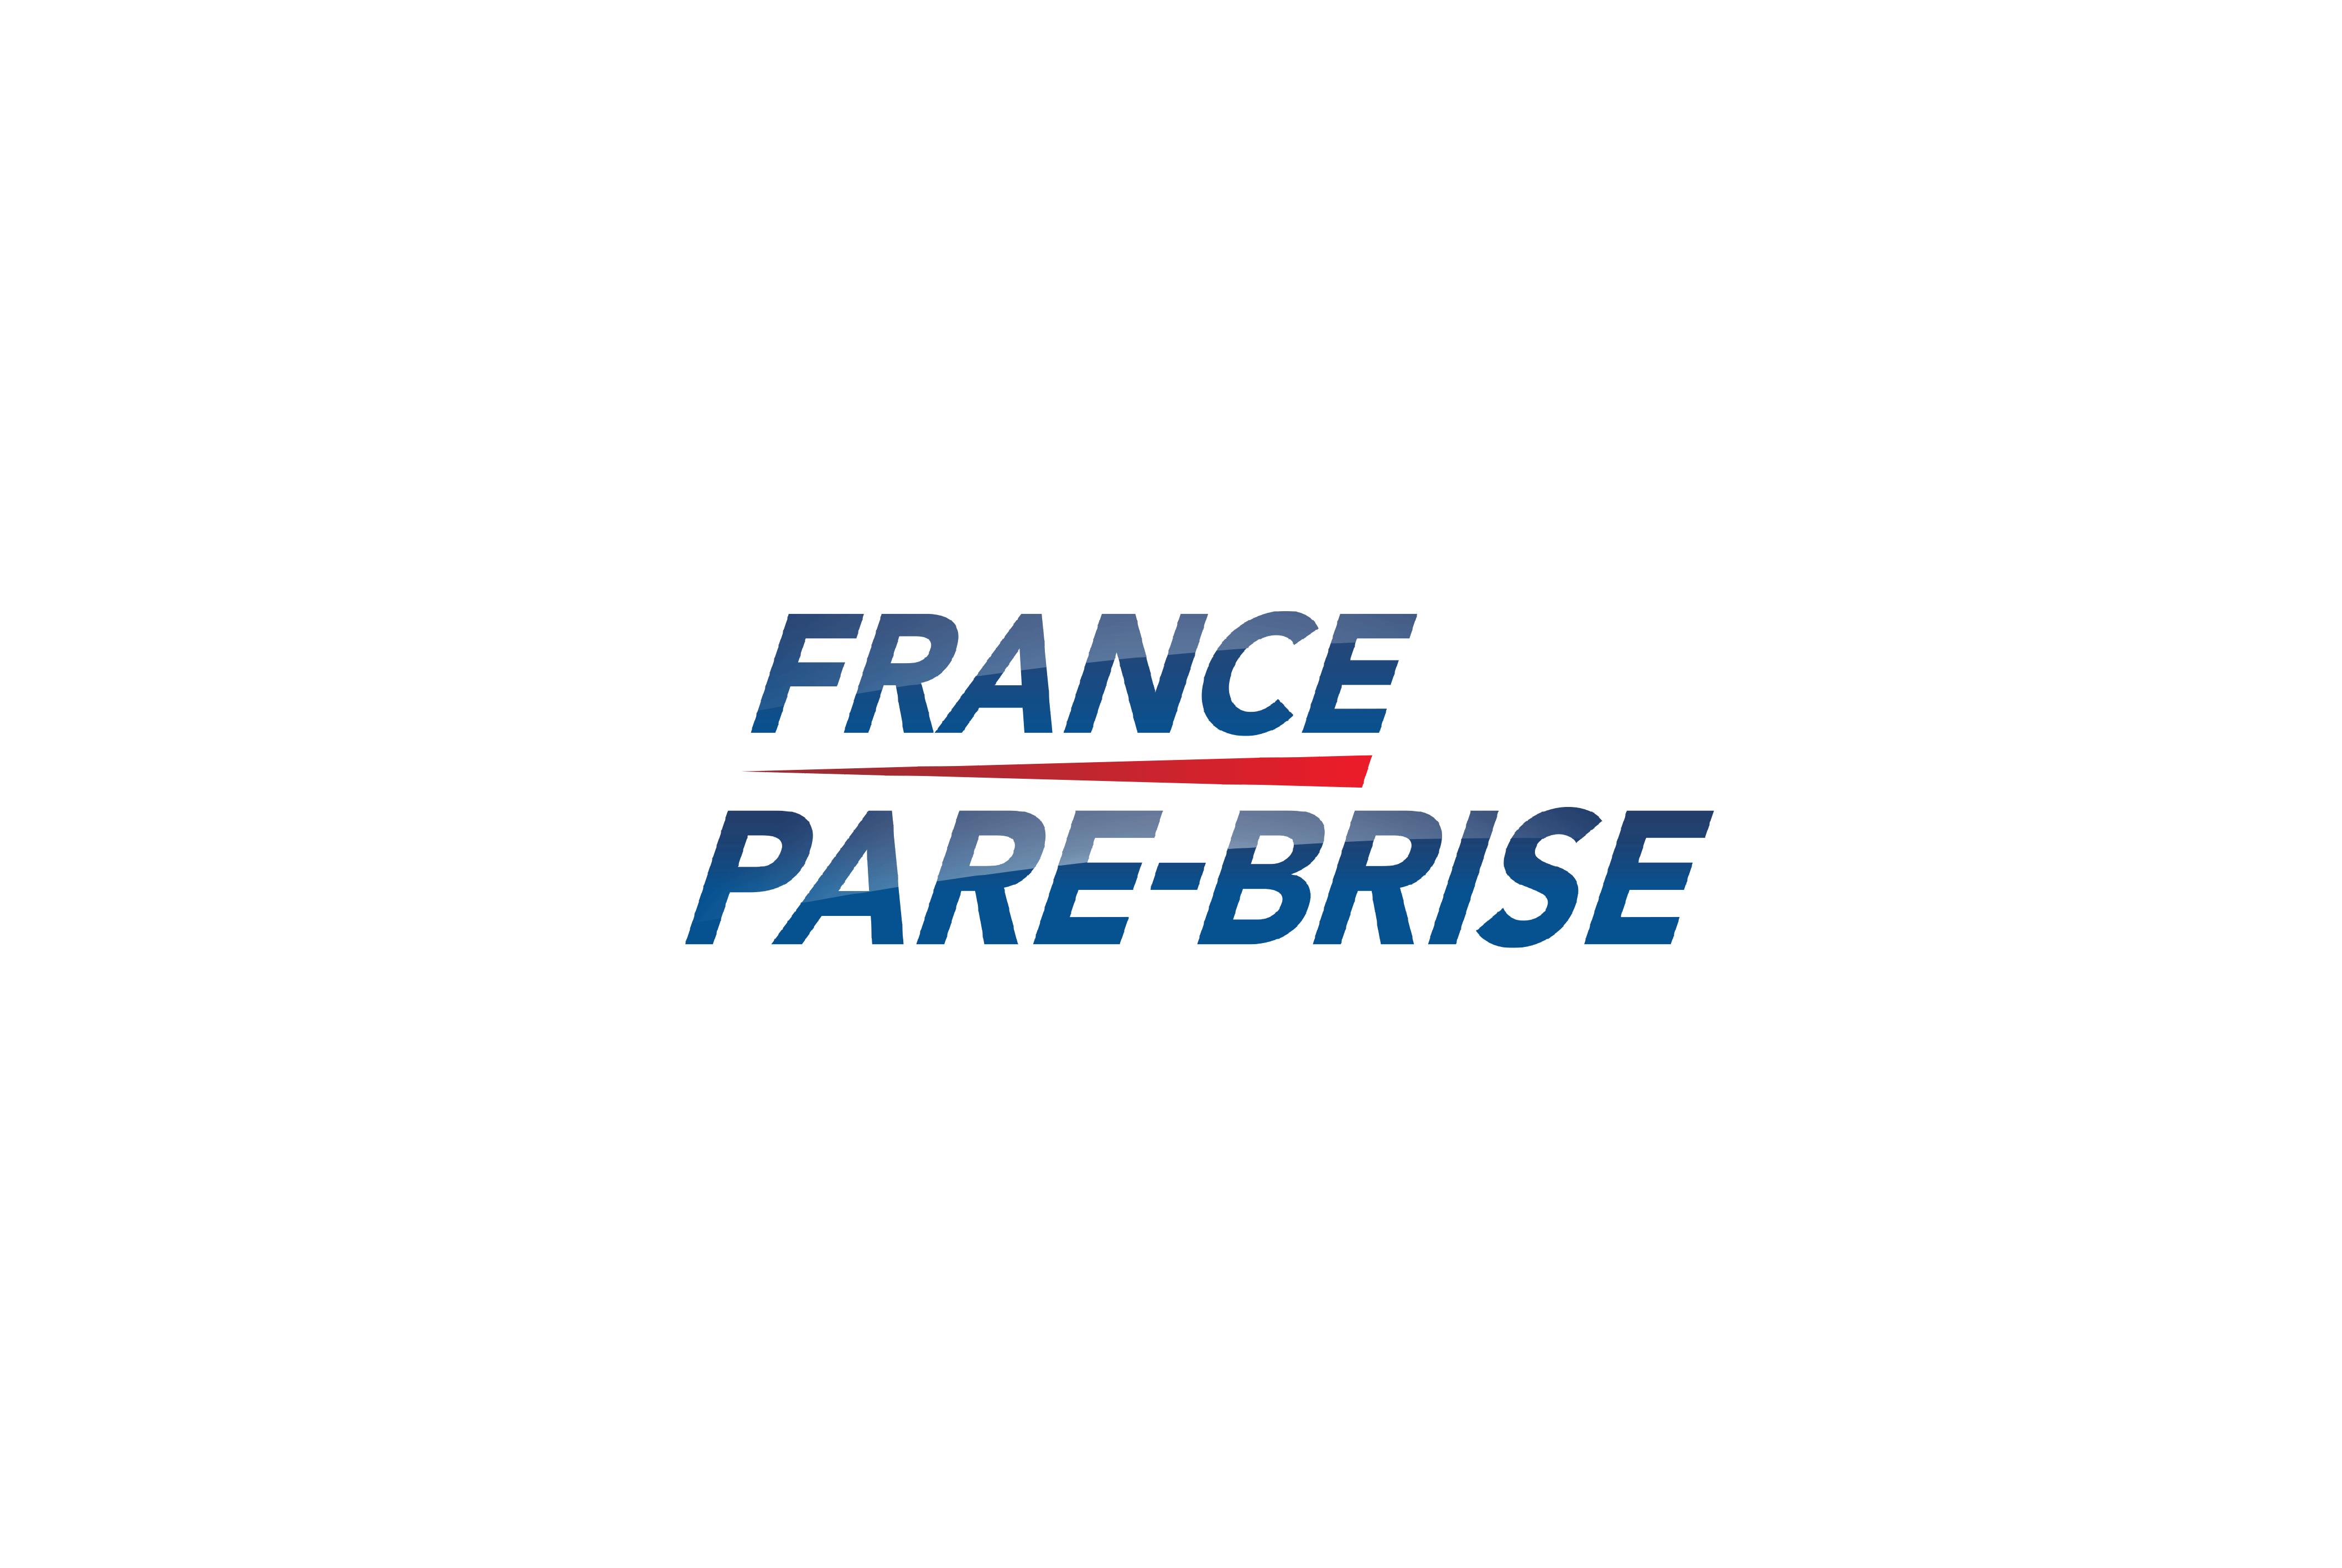 Critizr participe au imedia brand summit de biarritz - France pare brise bordeaux ...